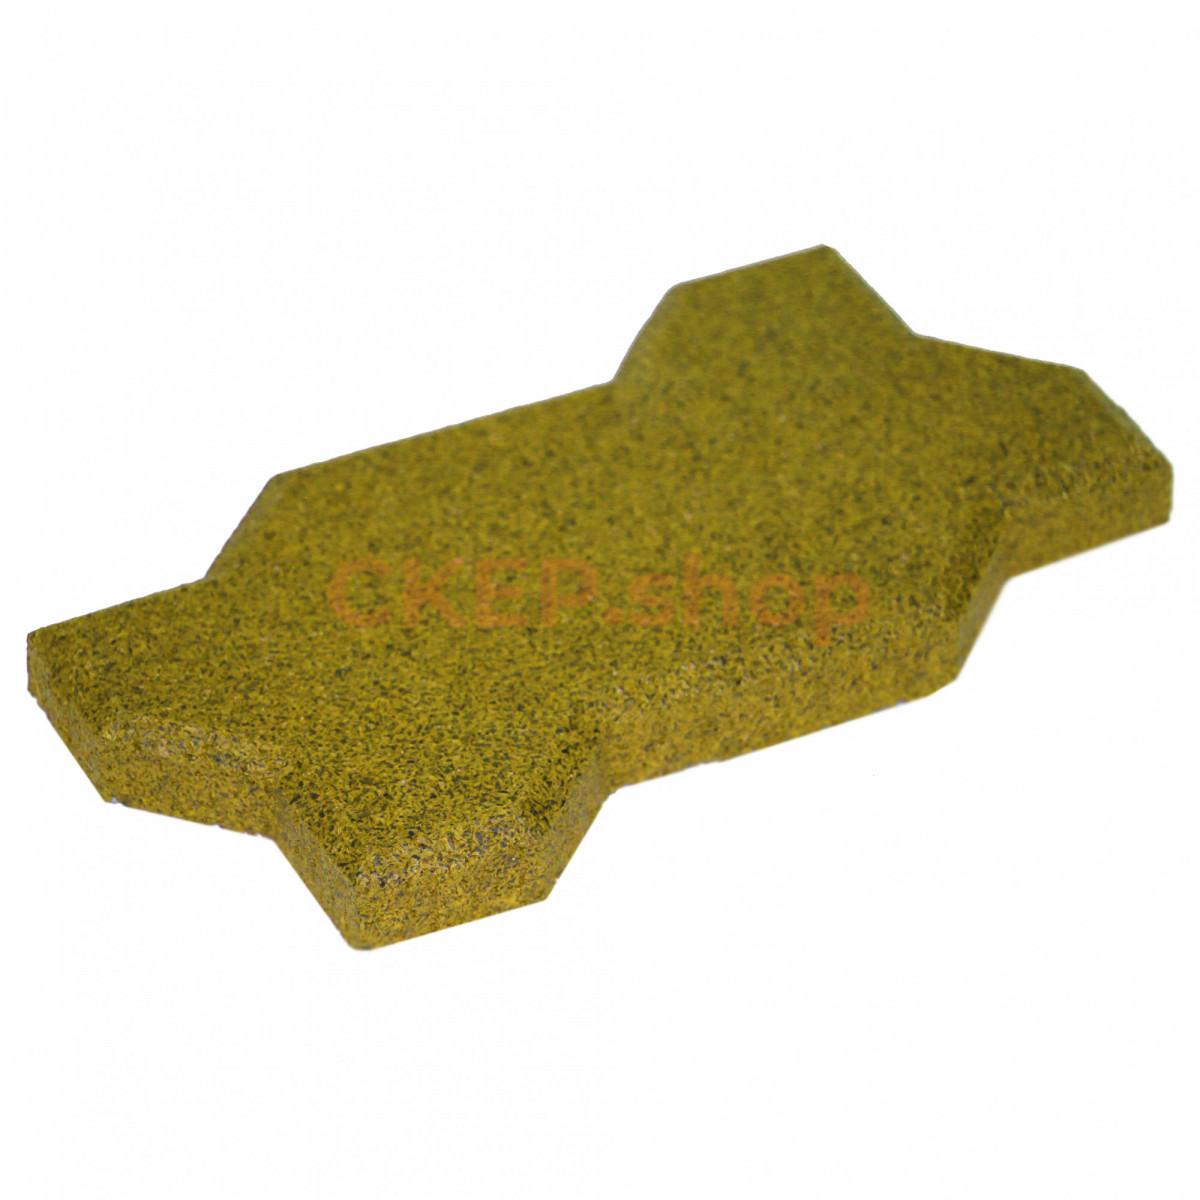 Резиновая брусчатка Волна, 20 мм, желтая